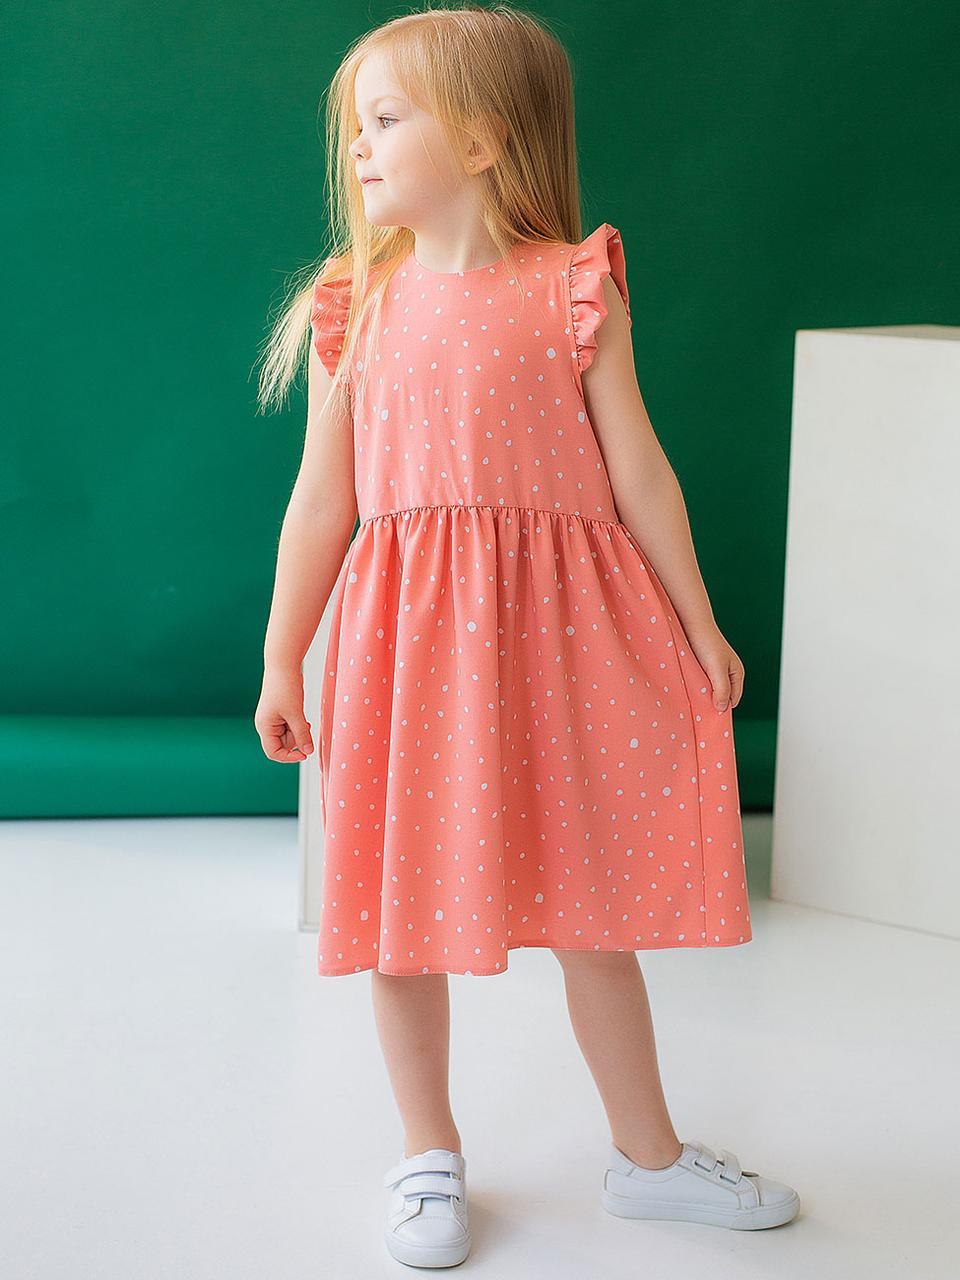 Детское платье в горошек с рюшами на плечах персиковое размер 122